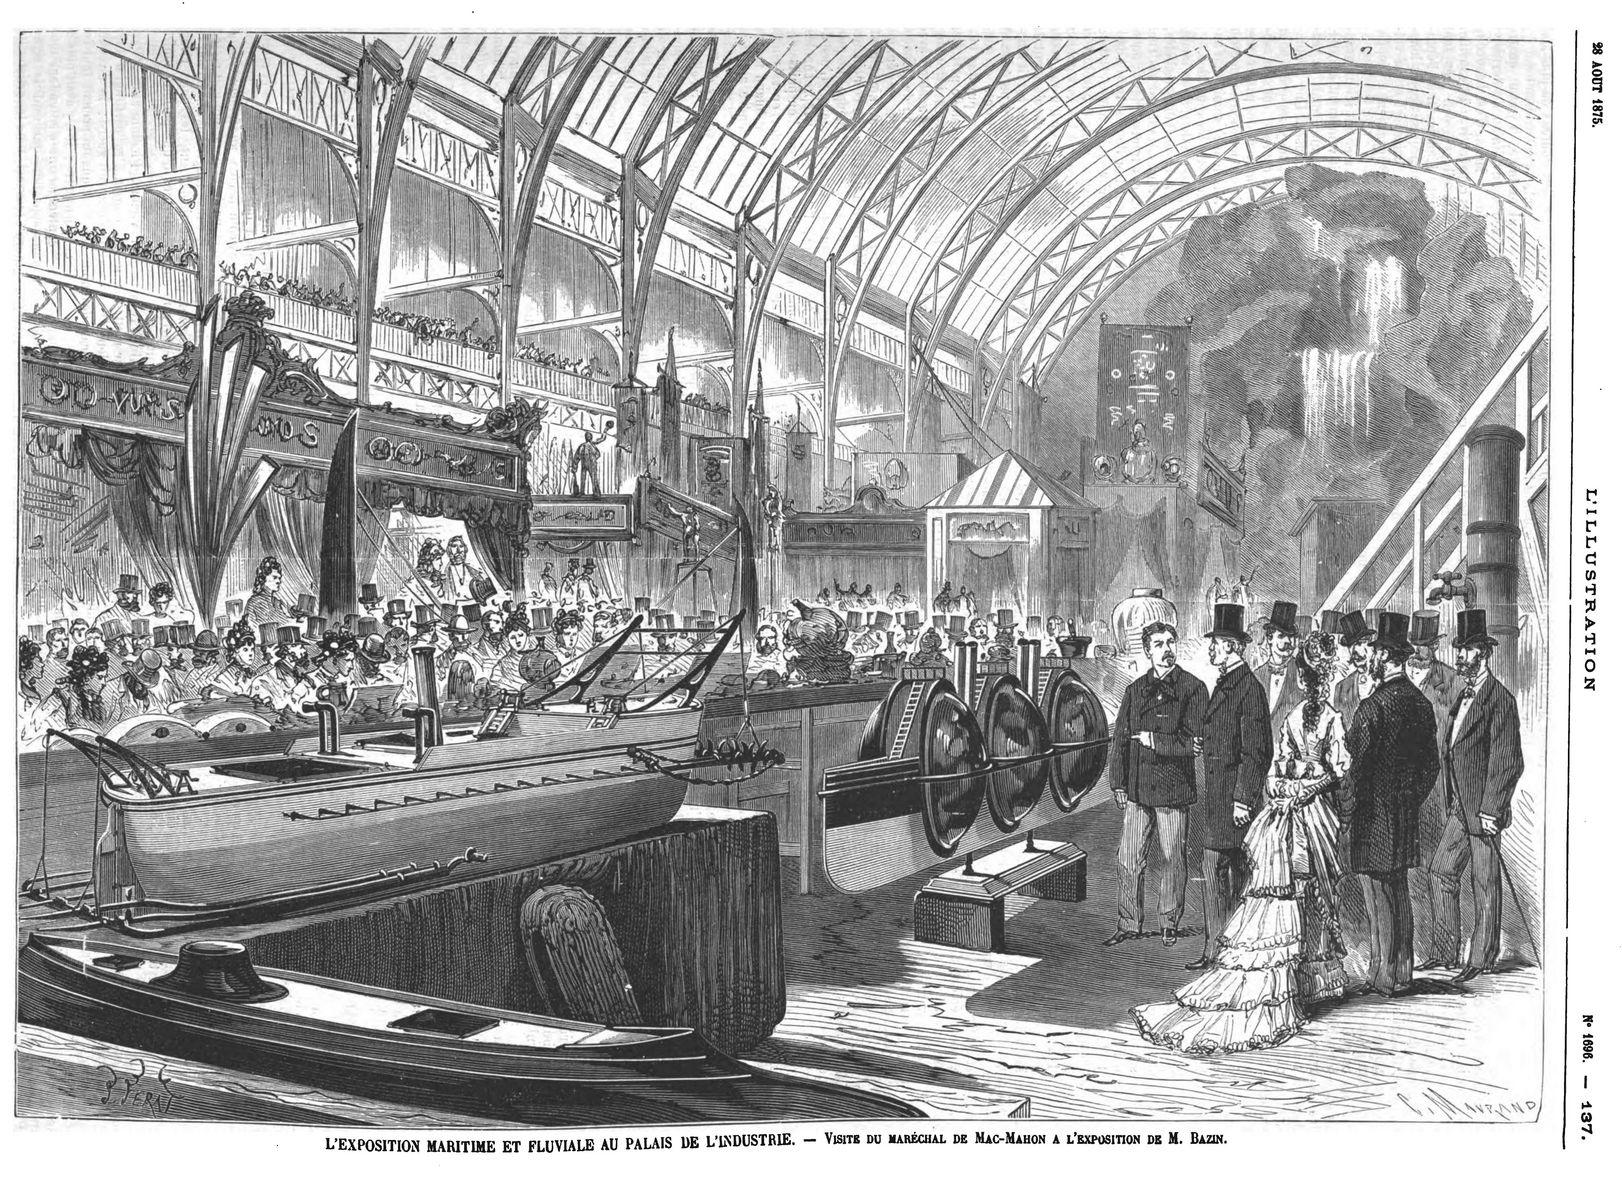 L'exposilion maritime et fluviale au palais de l'Industrie : visite du maréchal de Mac-Mahon à l'exposition de M. Bazin. 1875